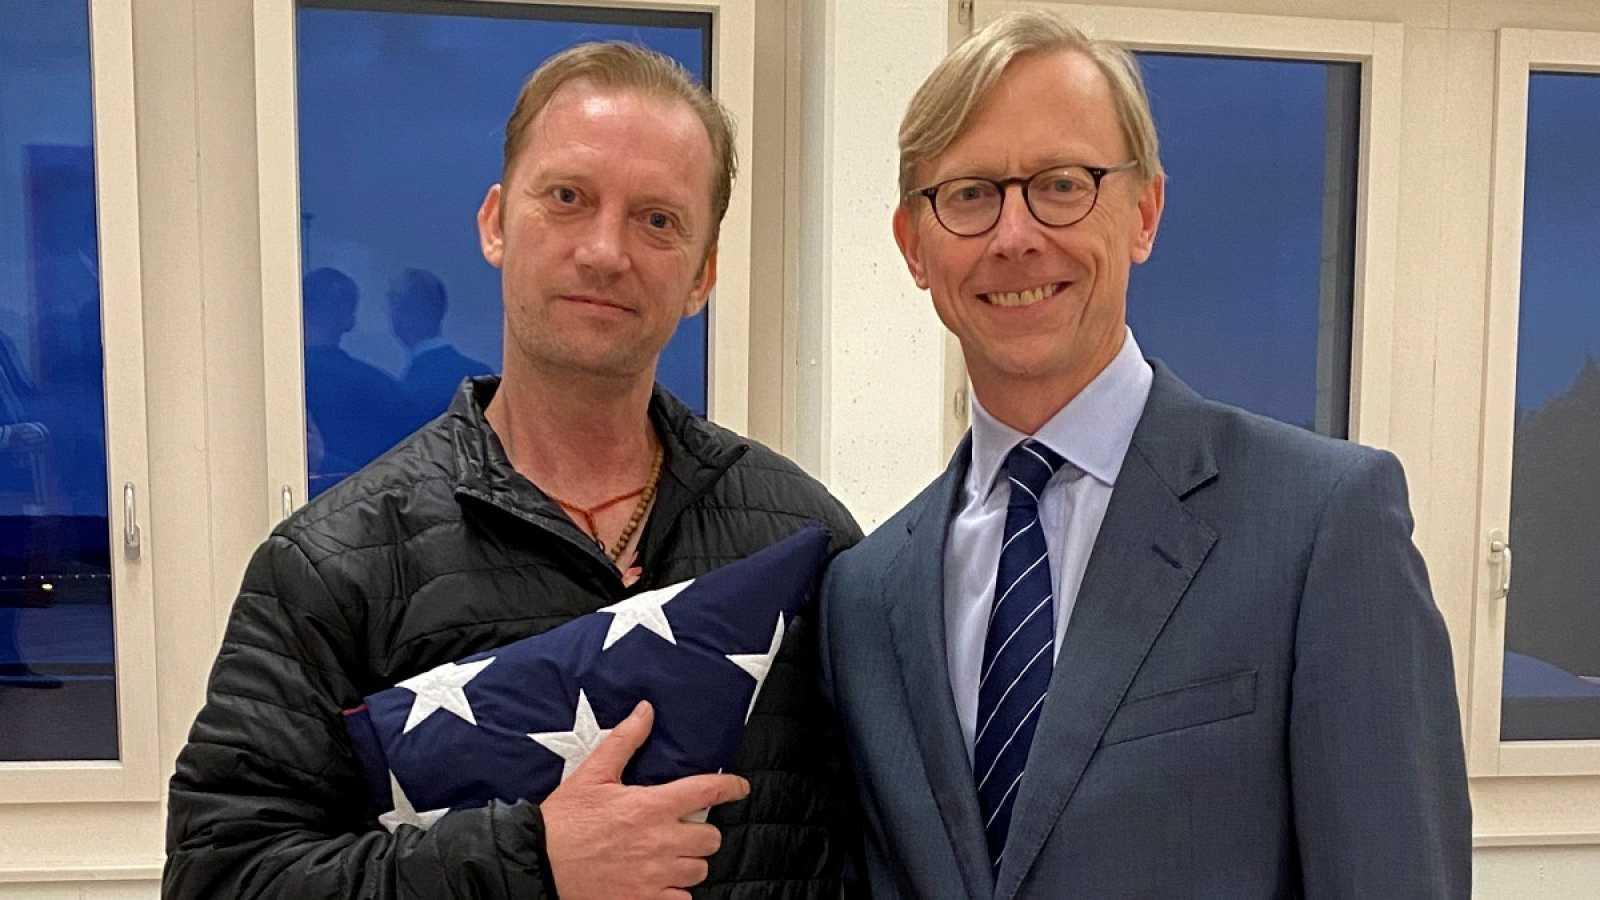 Brian Hook, el encargado de Irán del Departamento de Estado de EE.UU., y el exmilitar estadounidense Michael White, que llevaba dos años detenido en la República Islámica y fue liberado este jueves.